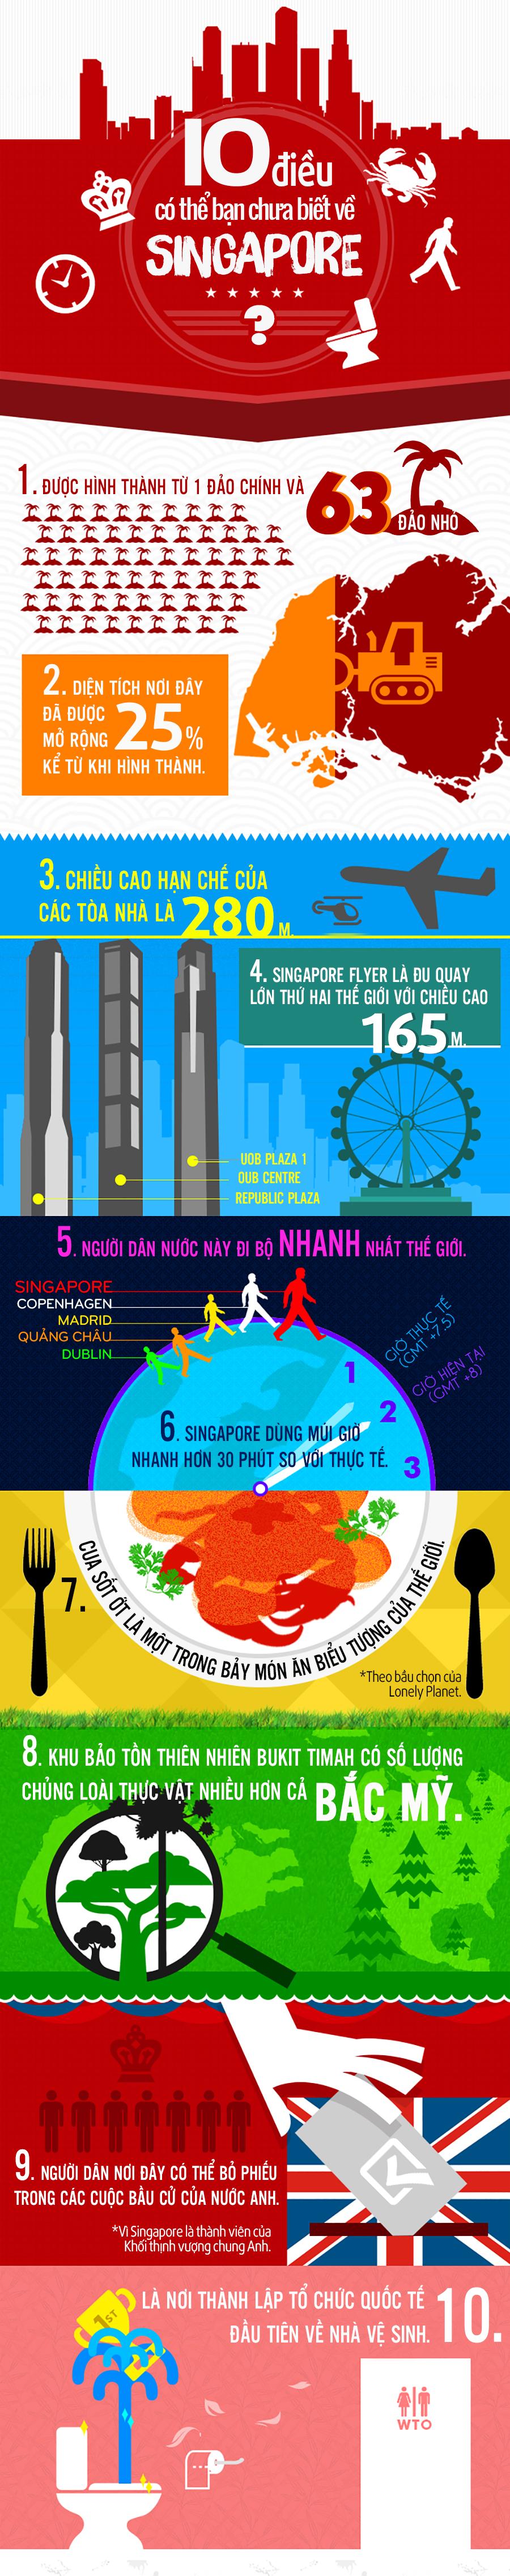 Những điều có thể bạn chưa biết về Singapore